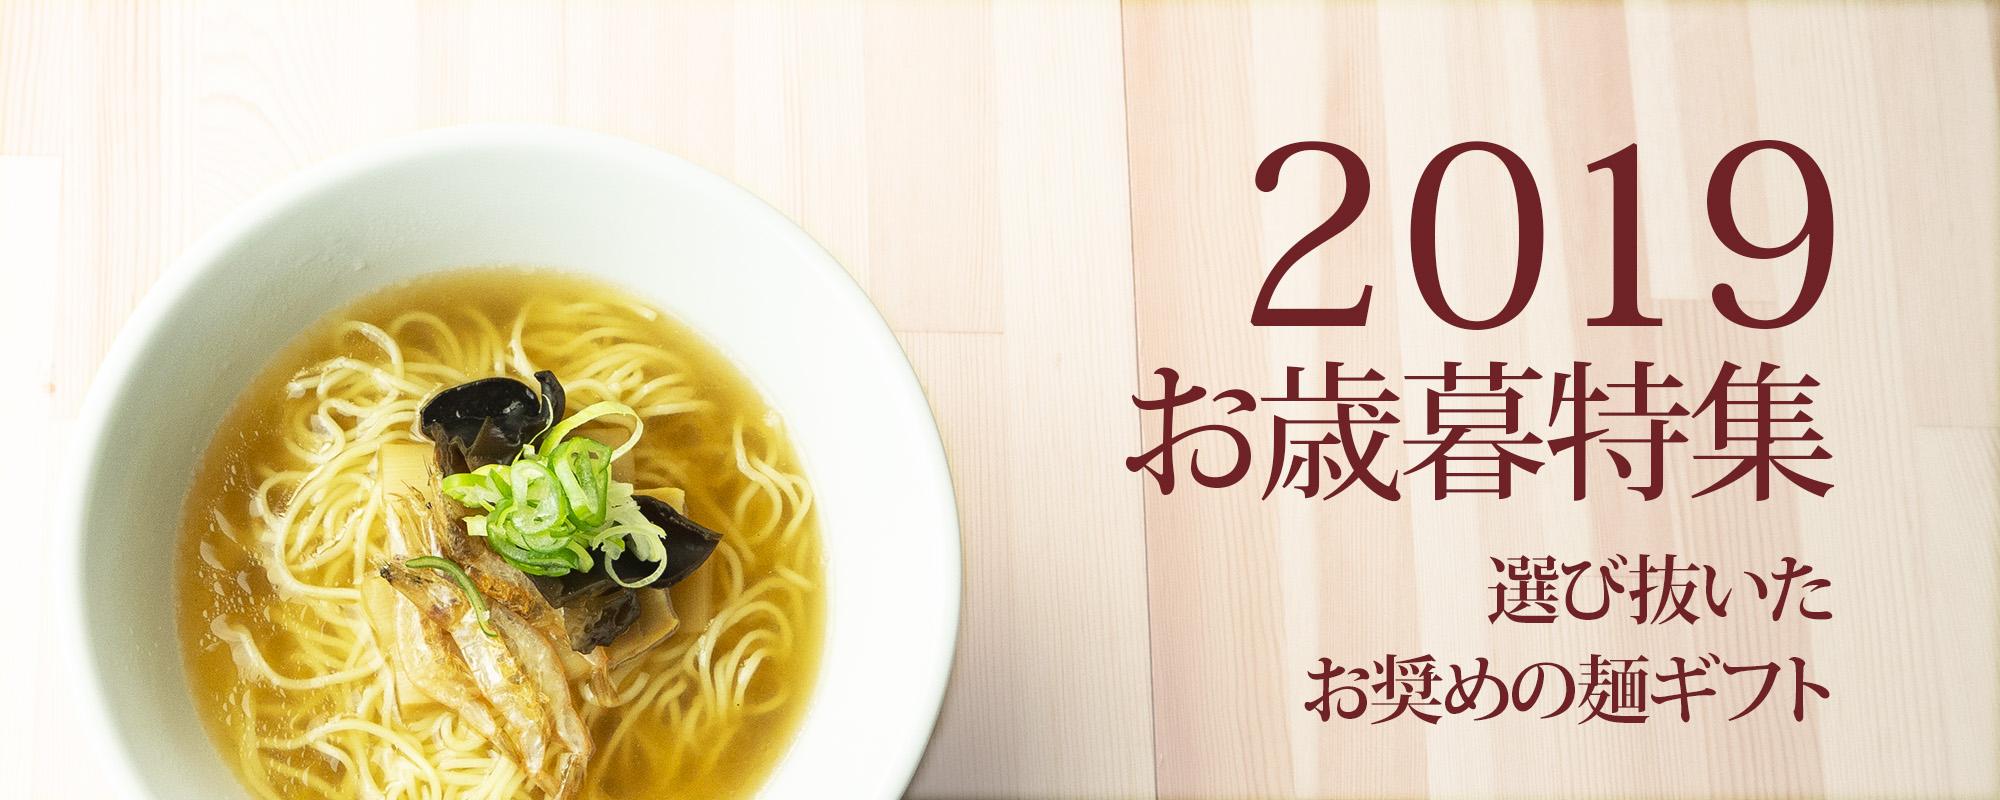 2019お歳暮特集 選び抜いたお奨めの麺ギフト